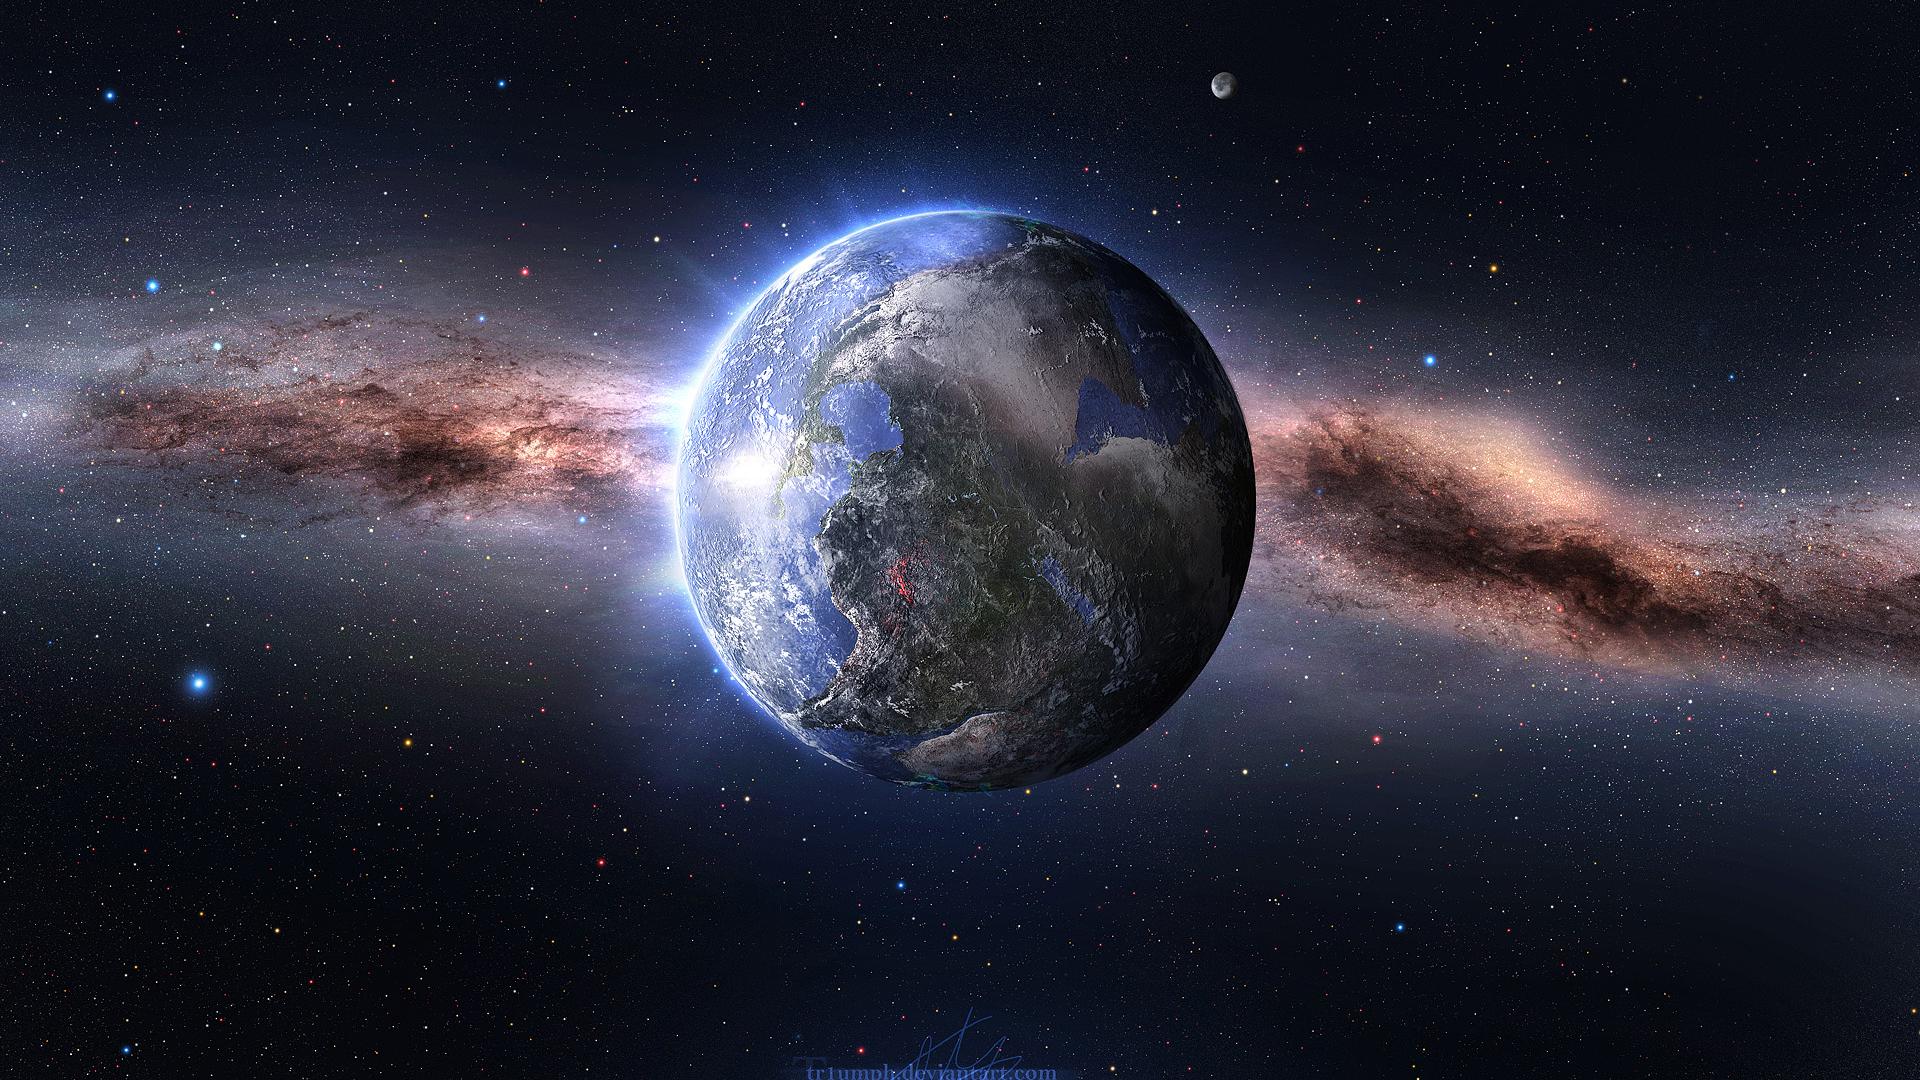 Free Download Earth In Space Hd Wallpaper Wallpaper List